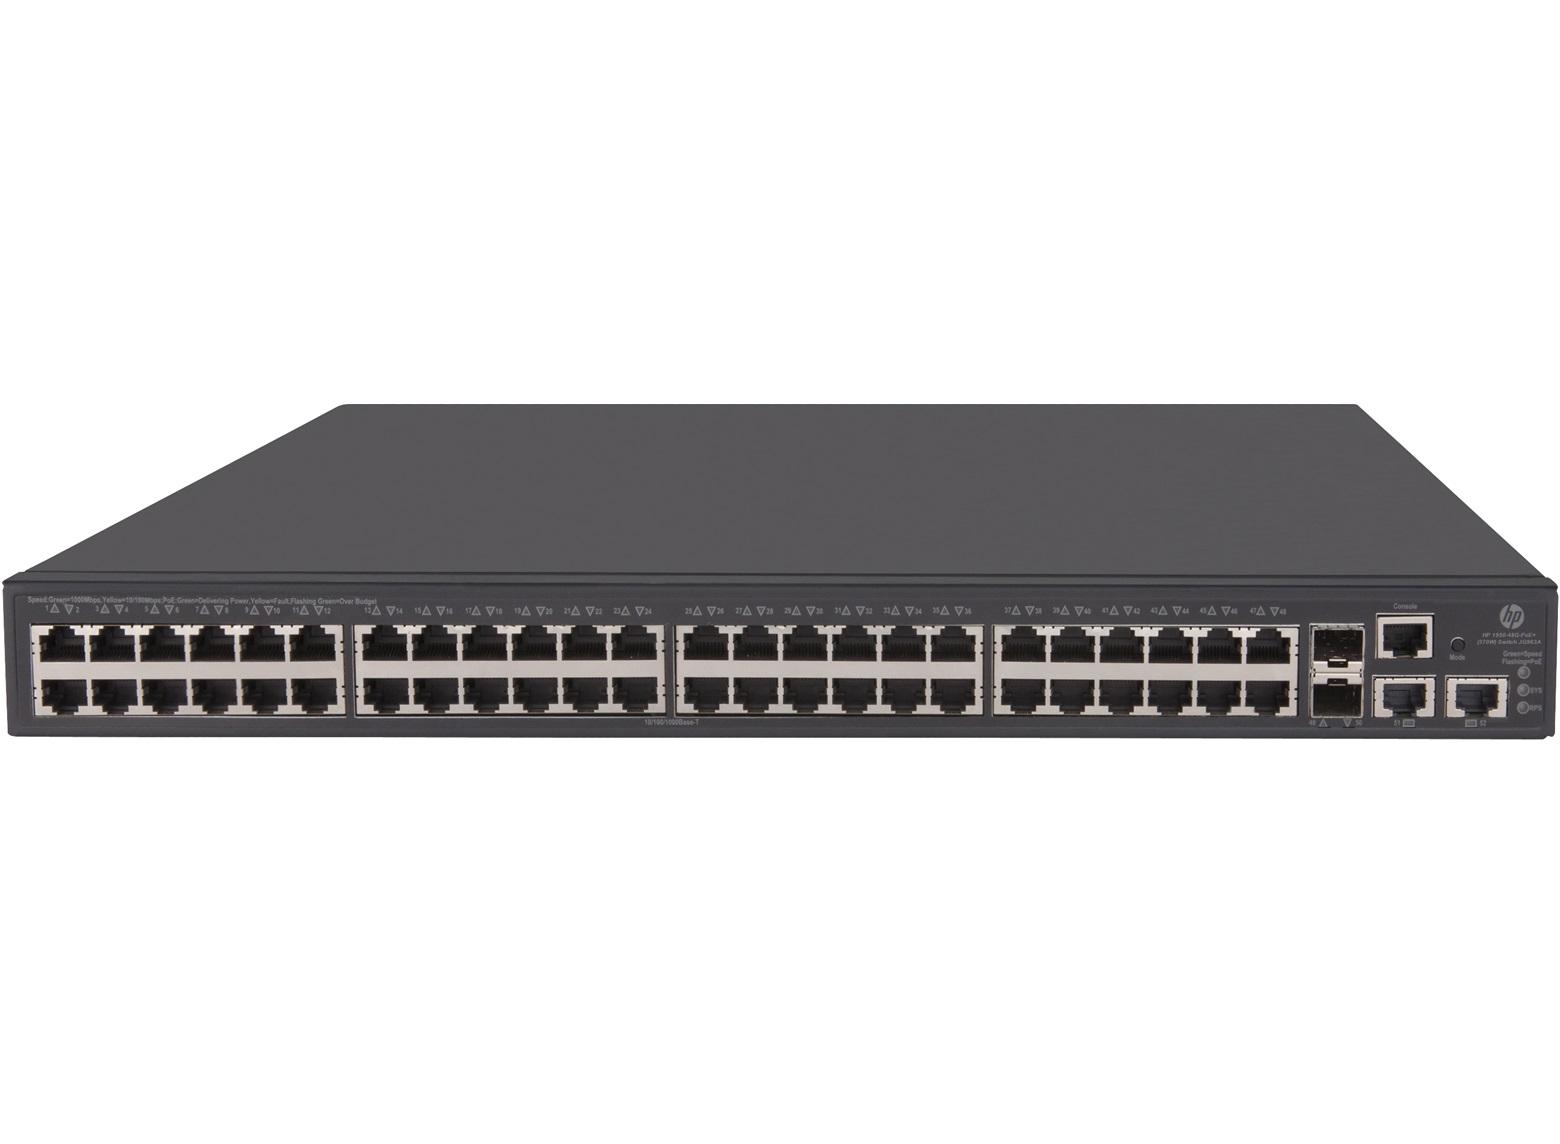 HPE 1950 48G 2SFP+ 2XGT PoE+ Switch